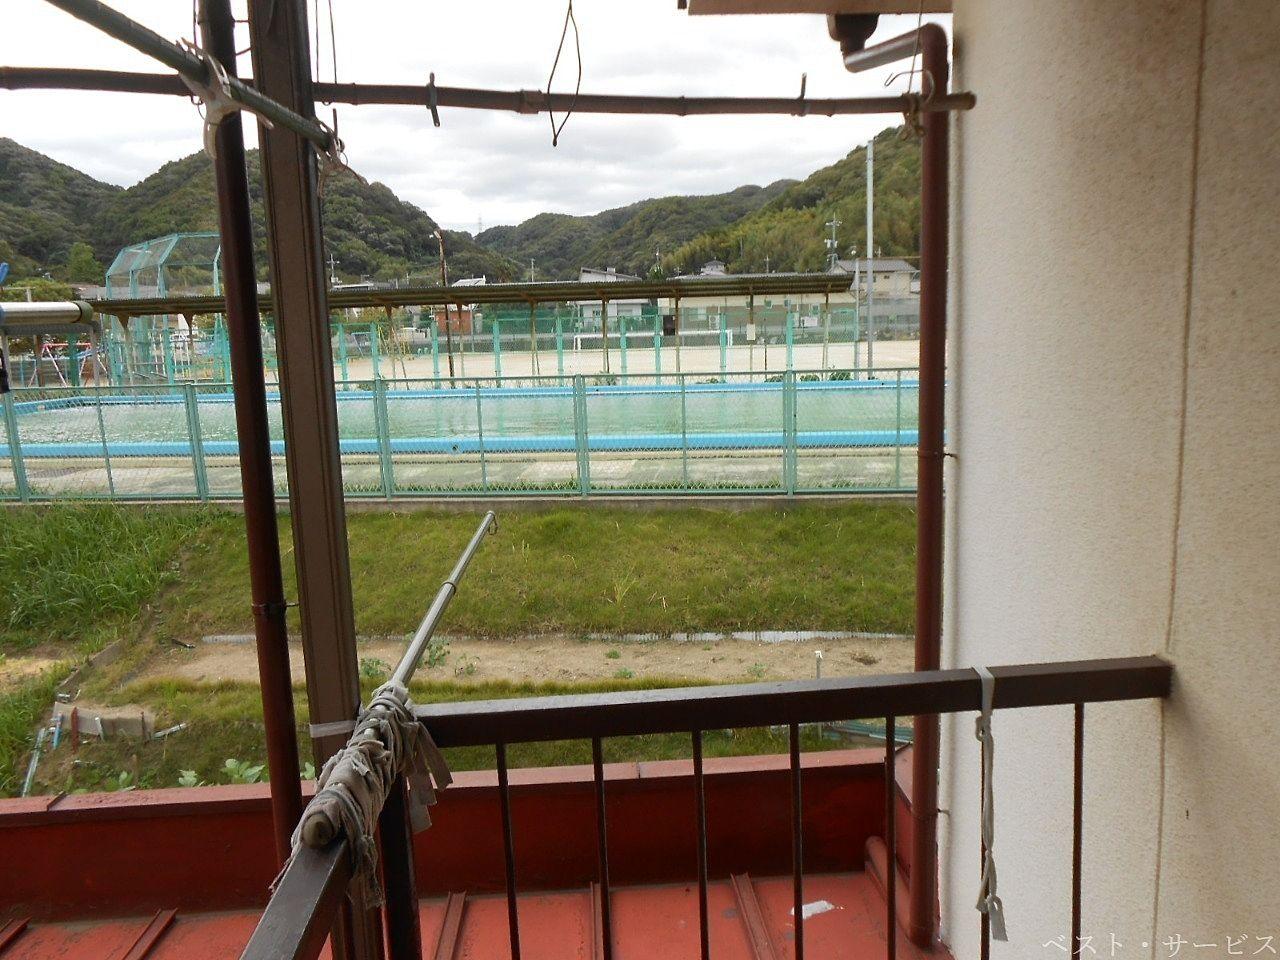 ベランダから灘崎町小学校の運動場(プール)が見える